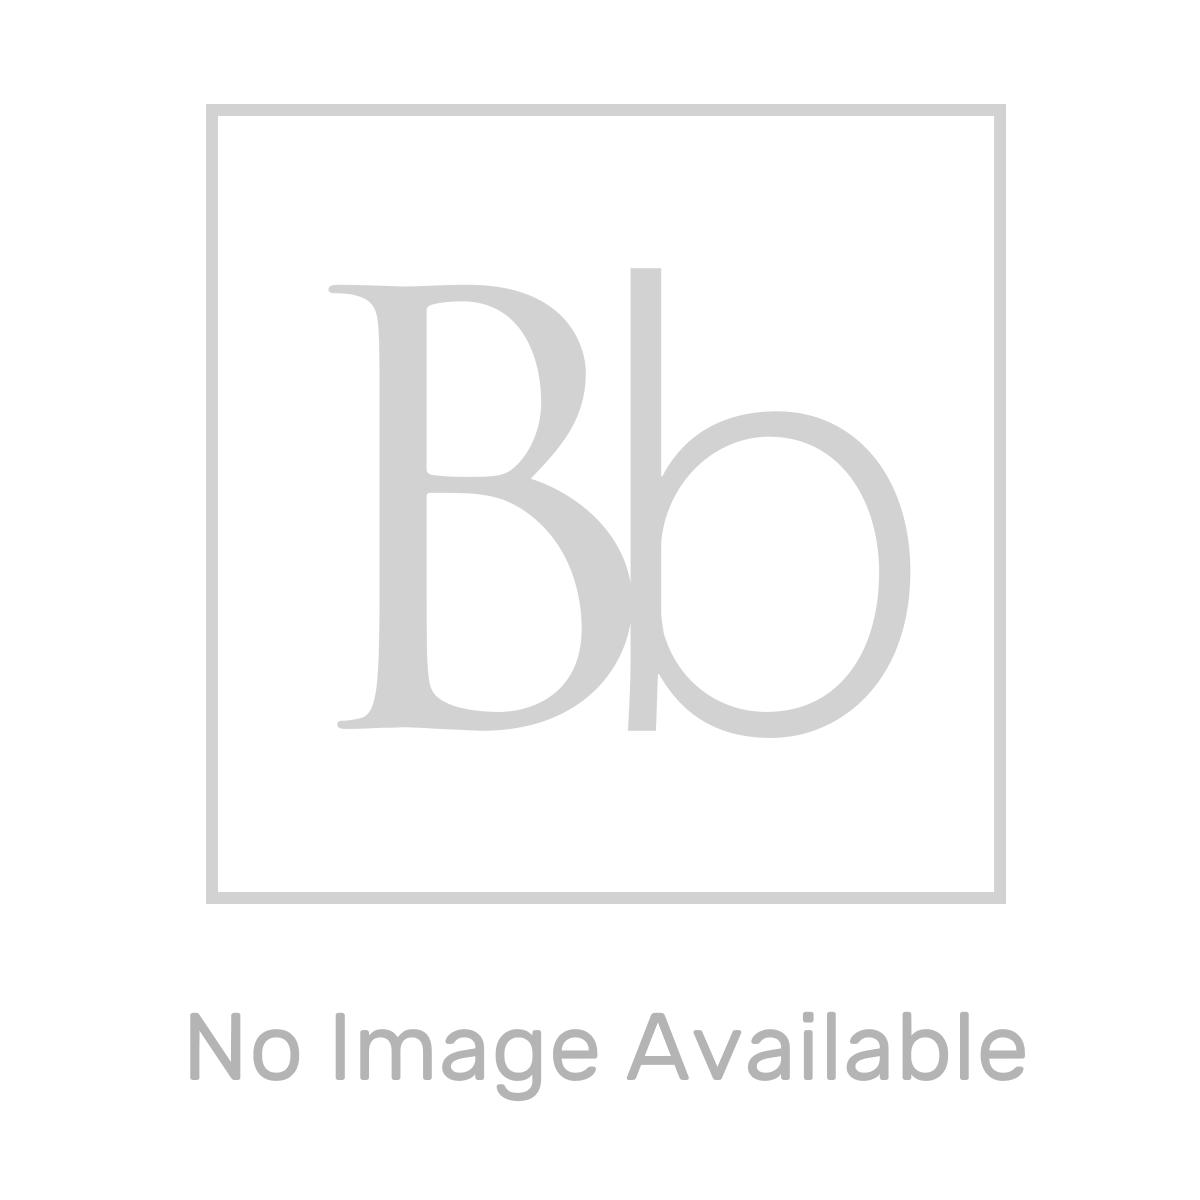 HD Parallel Light Beige Floor Tiles 331 x 331mm